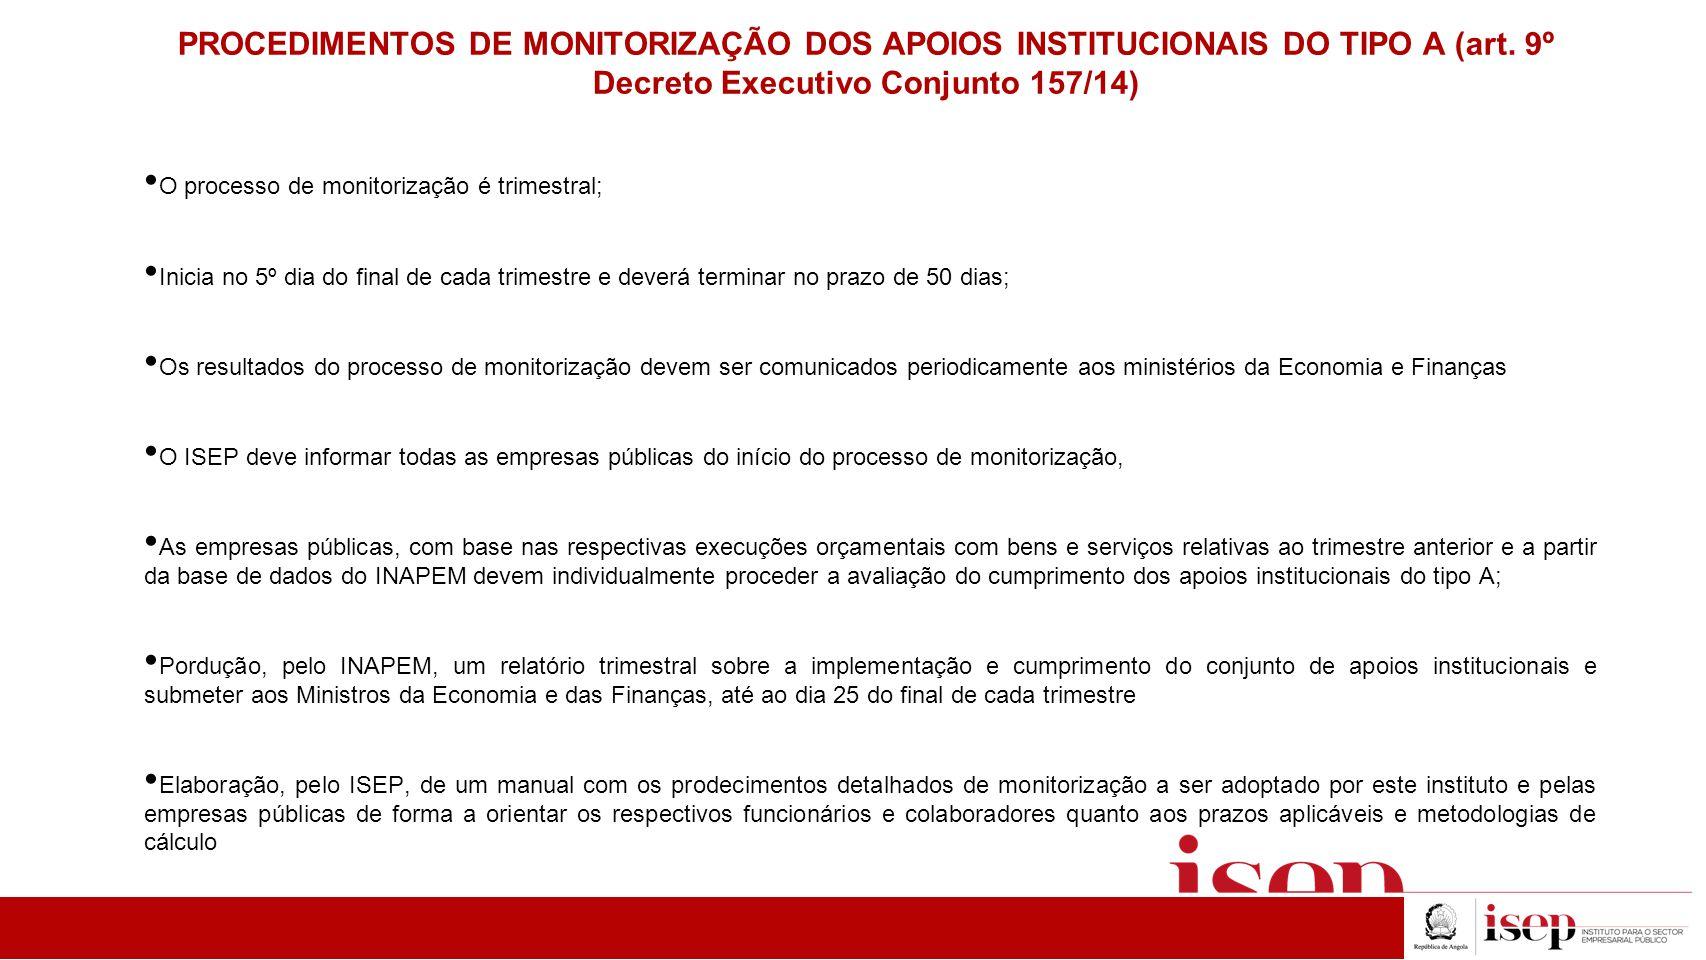 PROCEDIMENTOS DE MONITORIZAÇÃO DOS APOIOS INSTITUCIONAIS DO TIPO A (art. 9º Decreto Executivo Conjunto 157/14) O processo de monitorização é trimestra